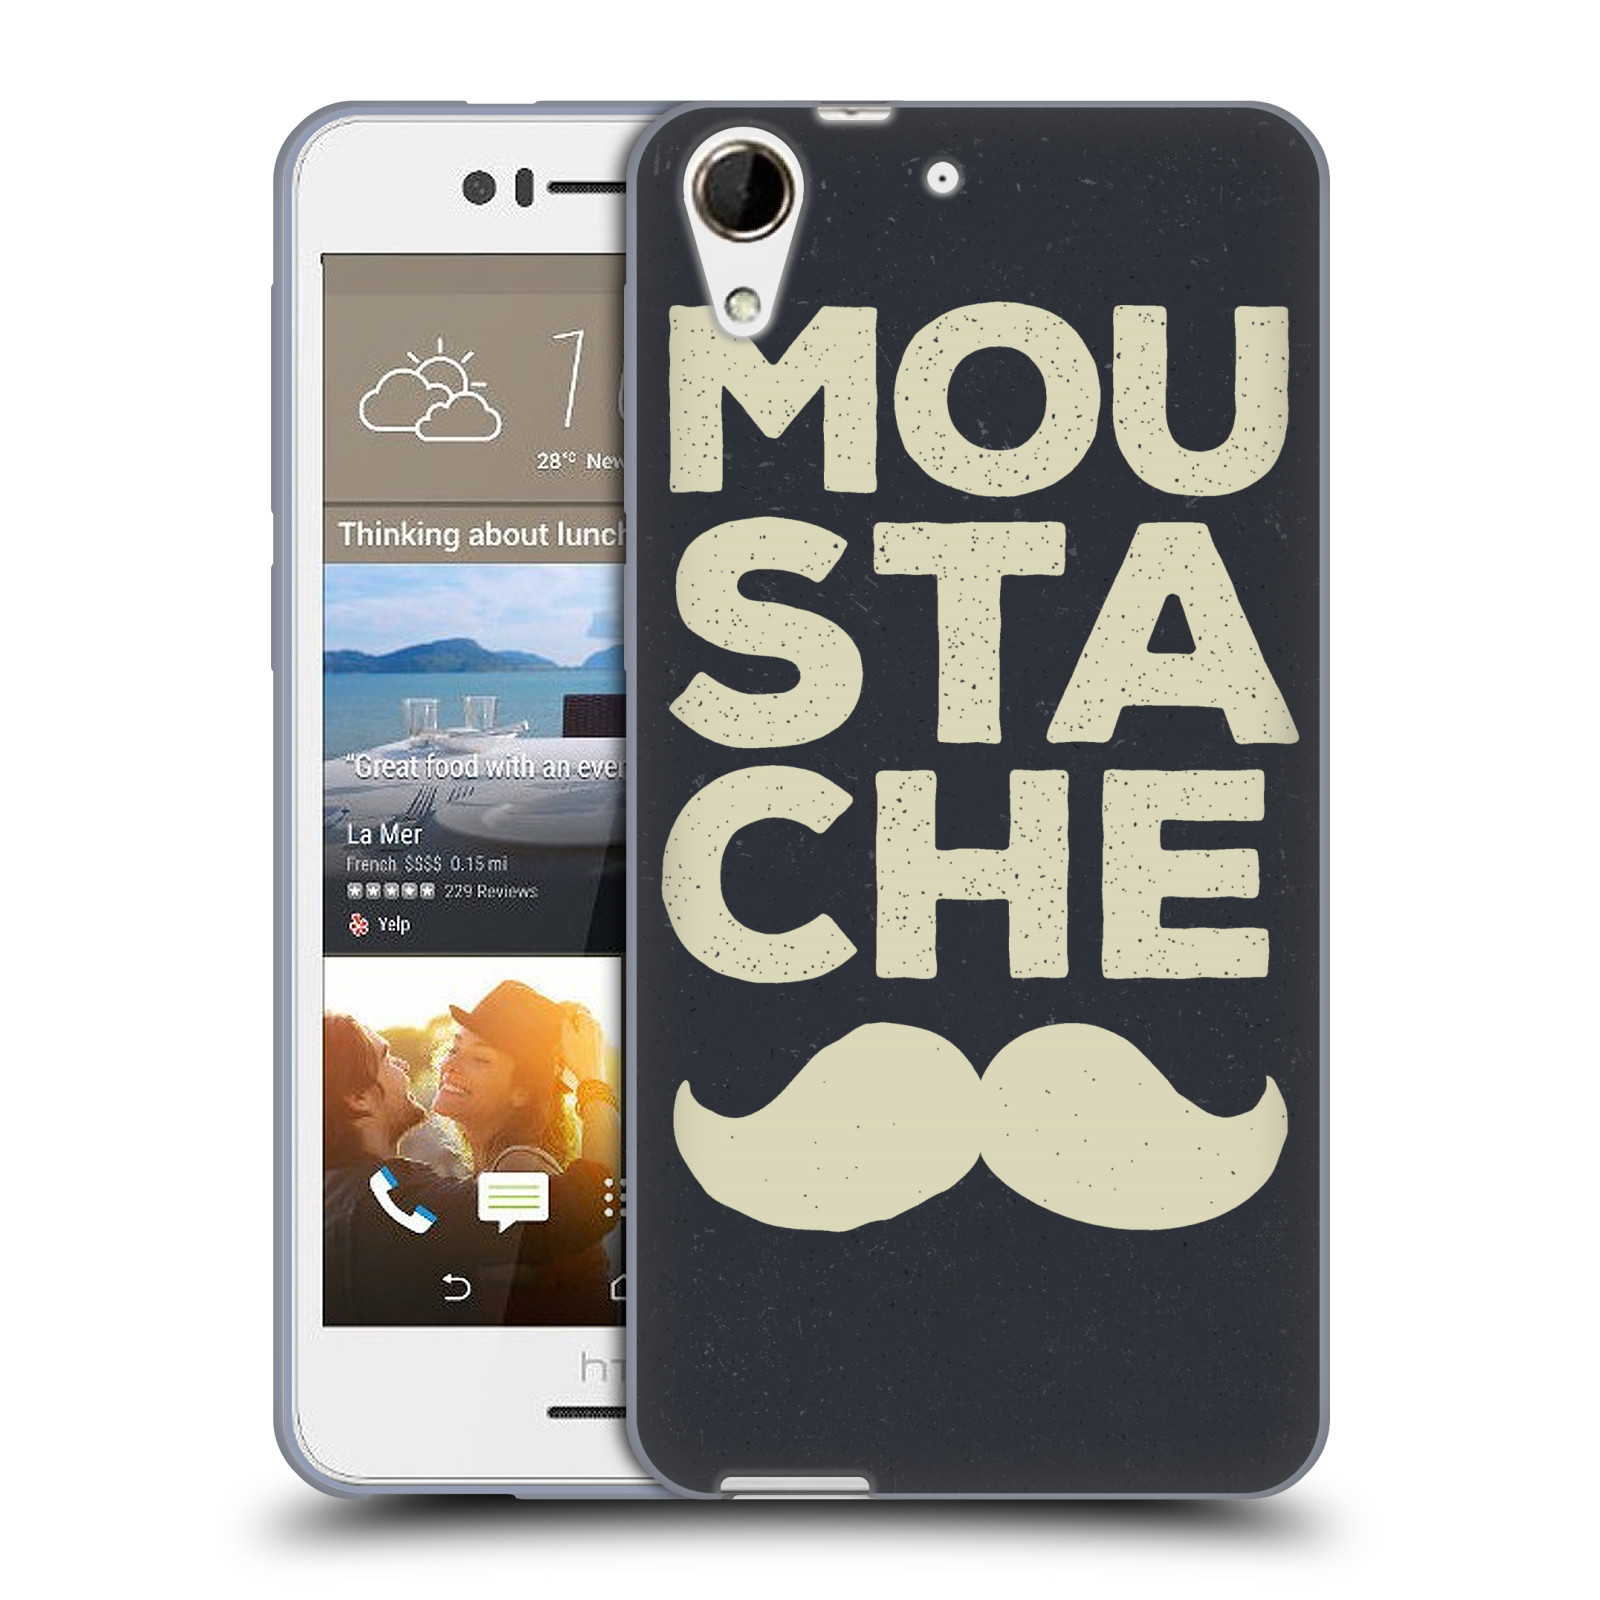 Silikonové pouzdro na mobil HTC Desire 728G Dual SIM HEAD CASE KNÍR MOU STA CHE (Silikonový kryt či obal na mobilní telefon HTC Desire 728 G Dual SIM)